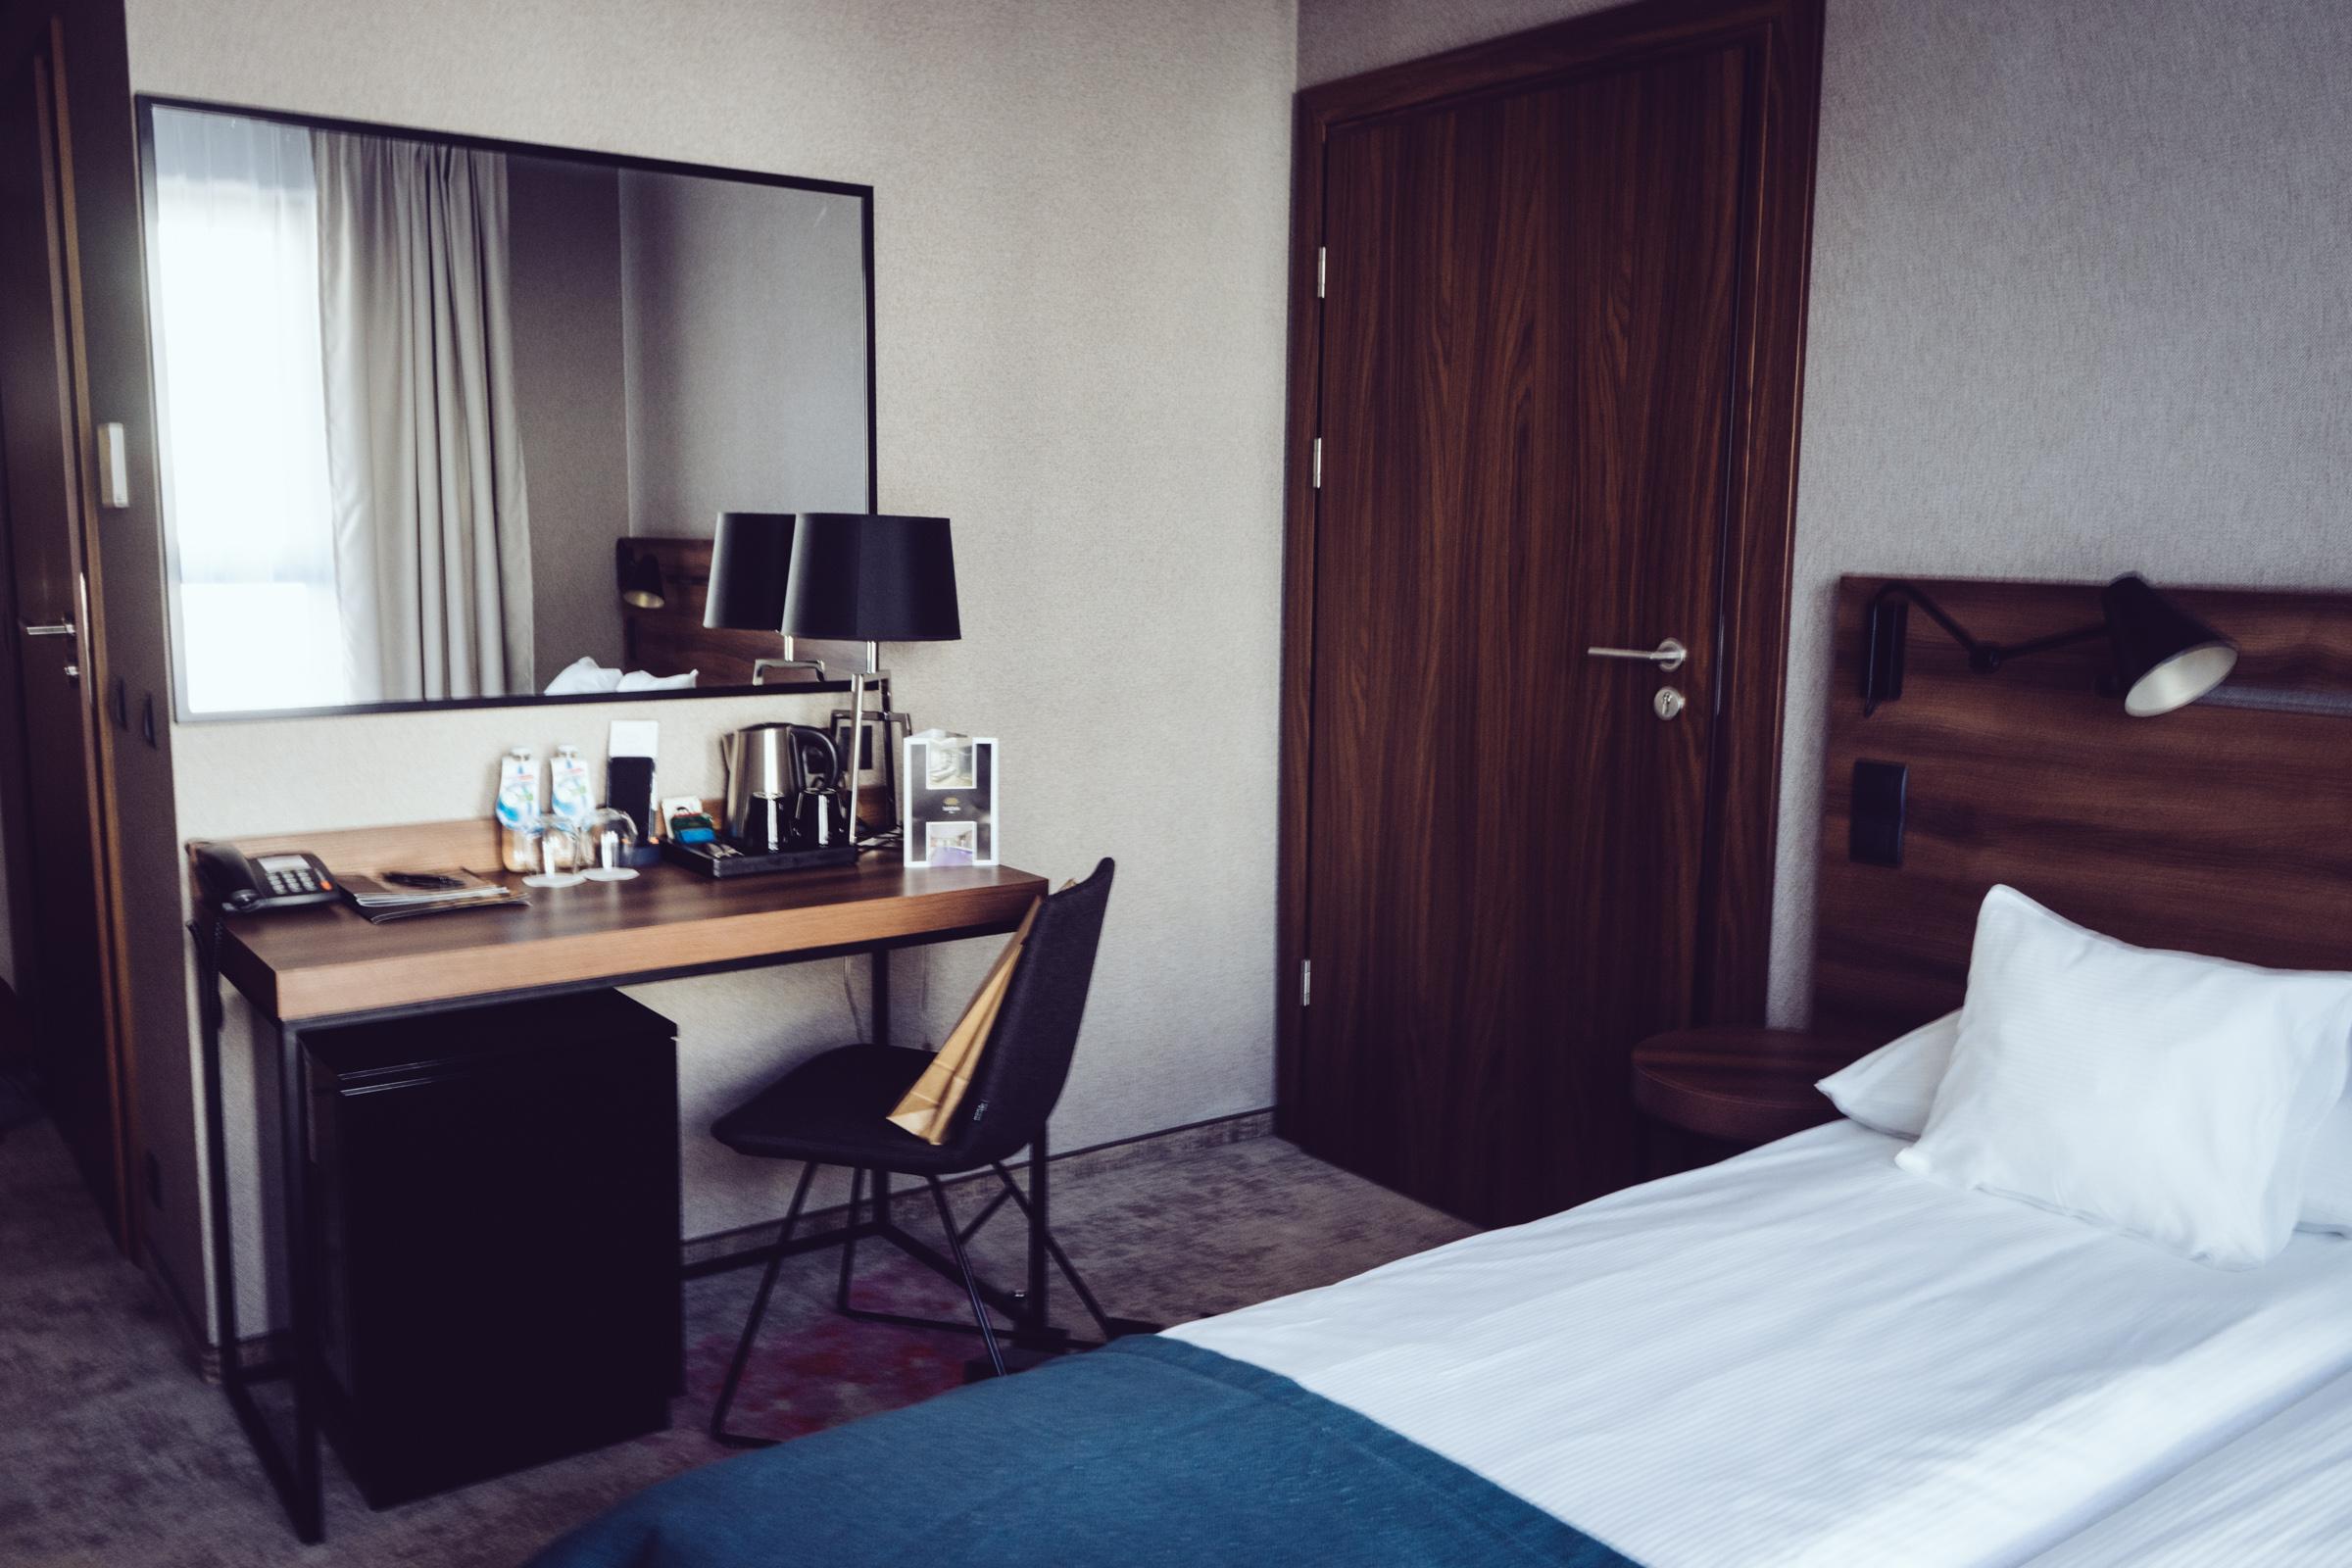 À l'intérieur de ma chambre à l'hôtel Sadova - Gdansk - Pologne